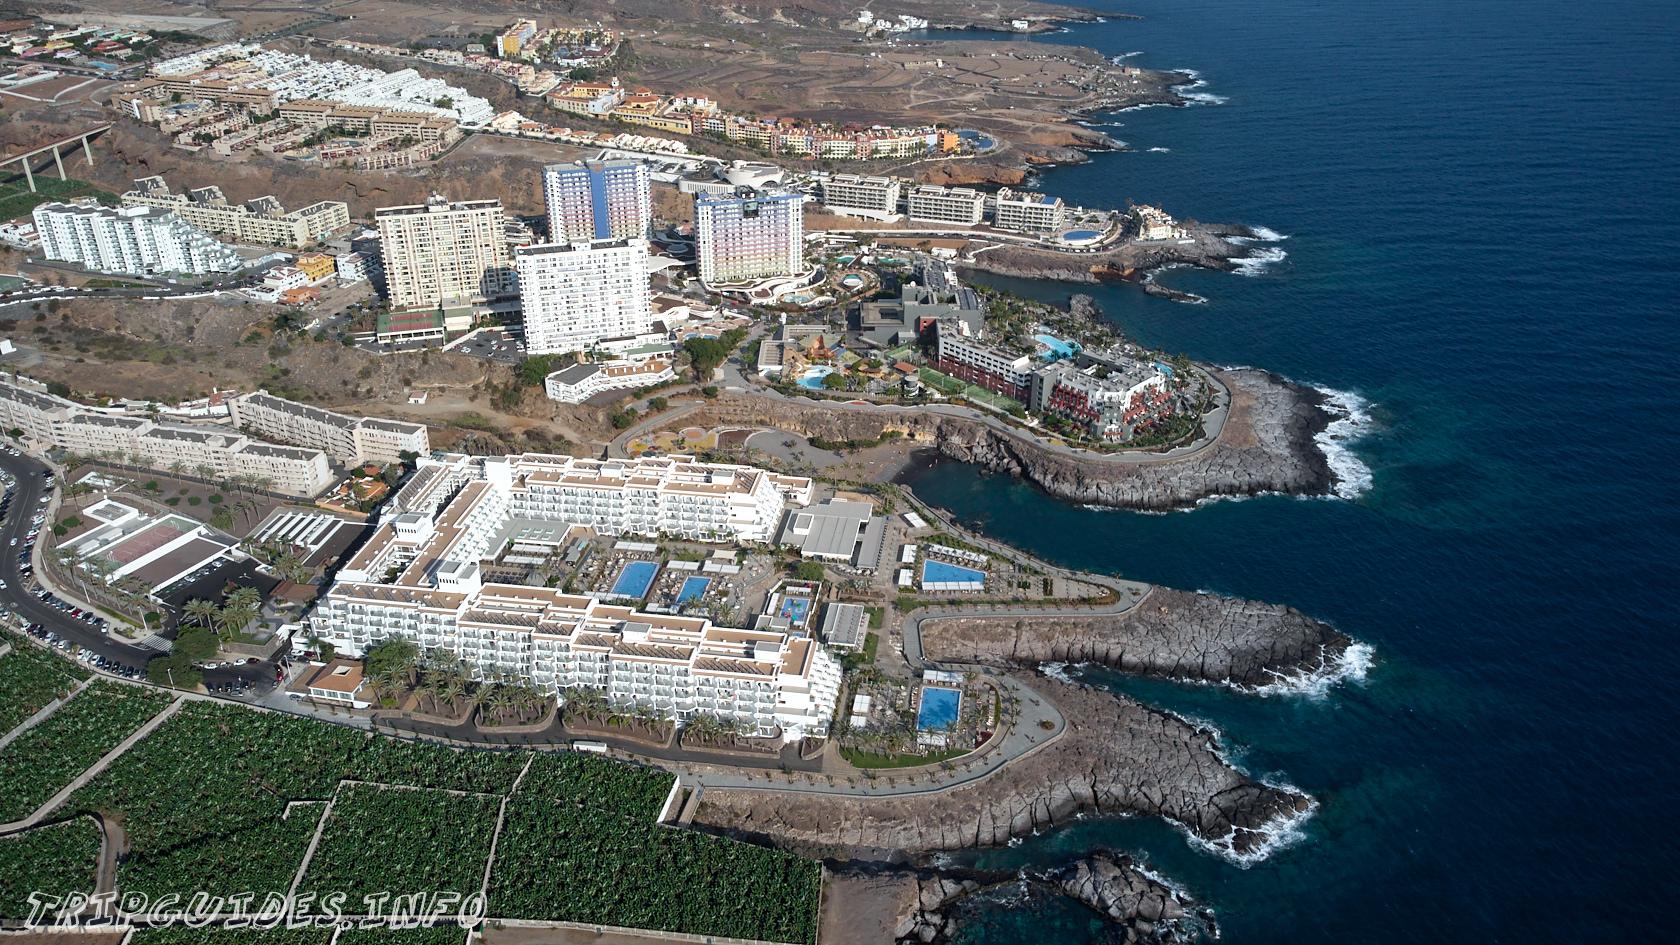 Отель Riu Buenavista 4* в Плайя Параисо - курорт на Тенерифе